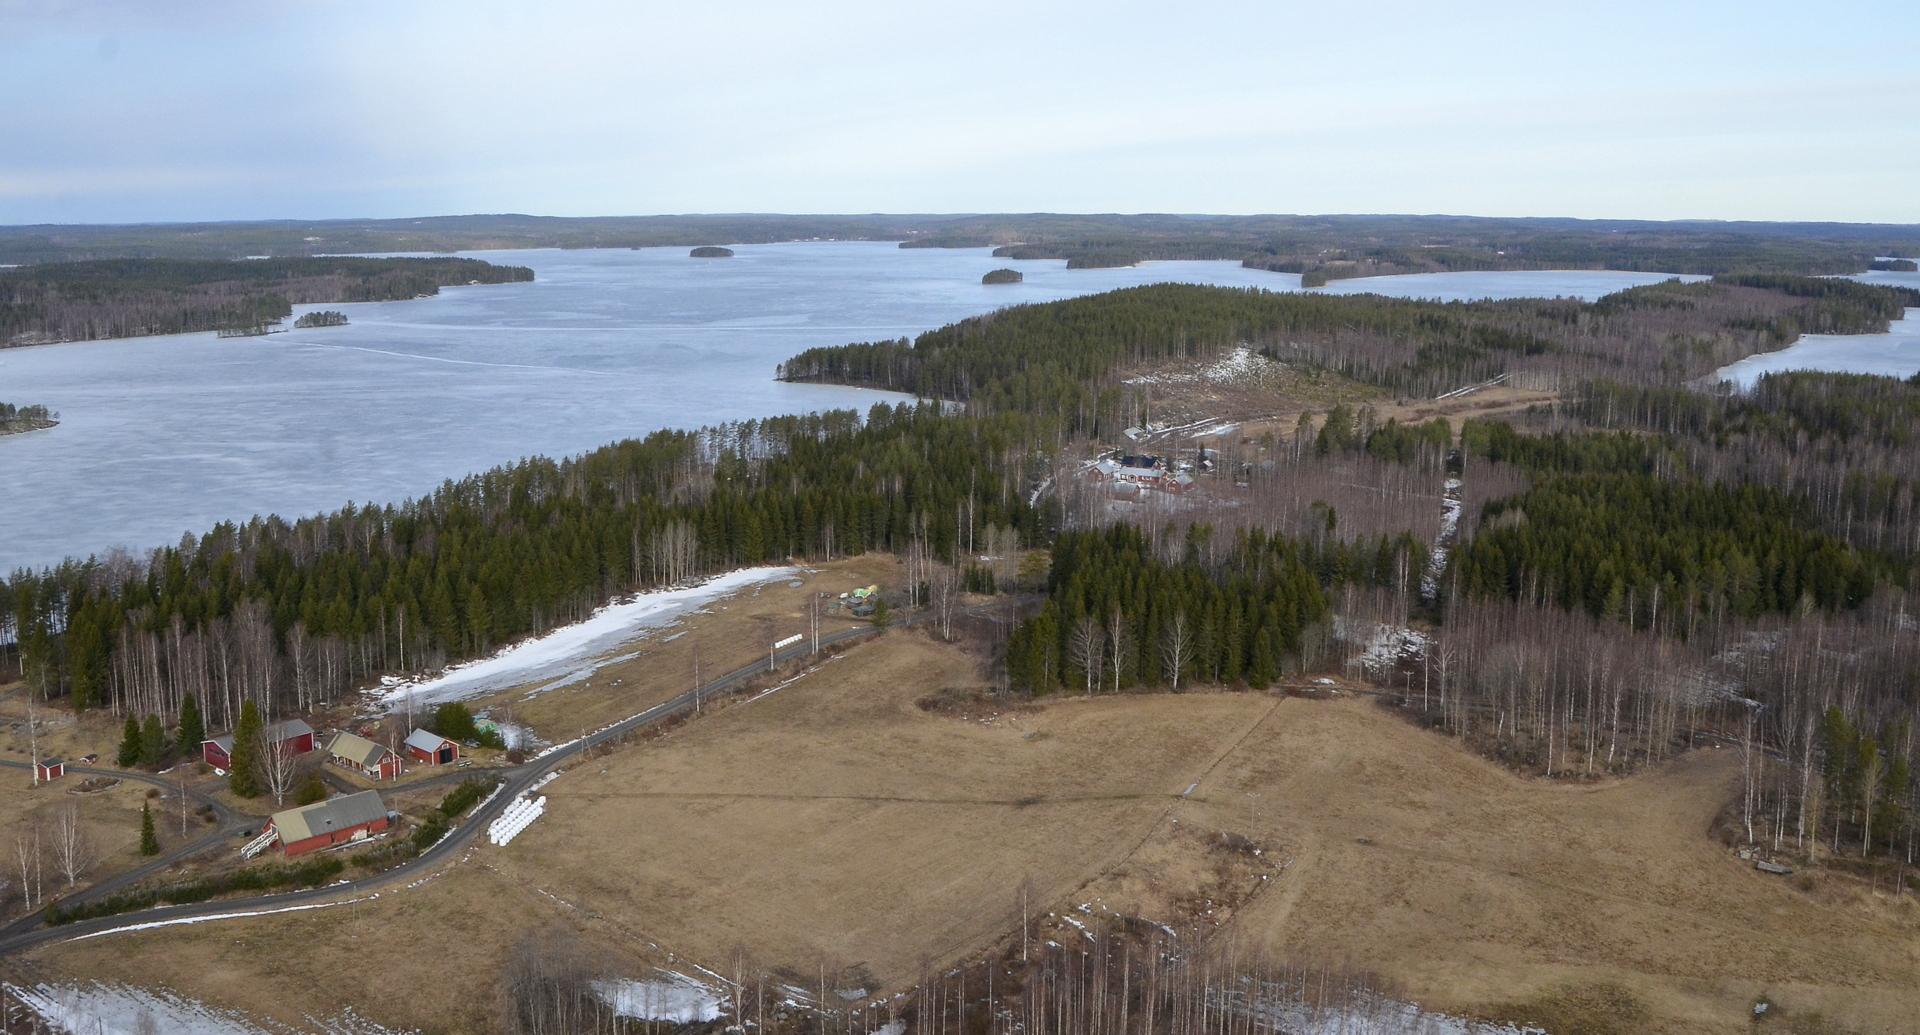 Vasemmalla Riihilahti ja Riihimäen tila. Oikealla Muokkala ja Riihiniemi. Kuvan keskellä Räihänselän takana Lintulahti.